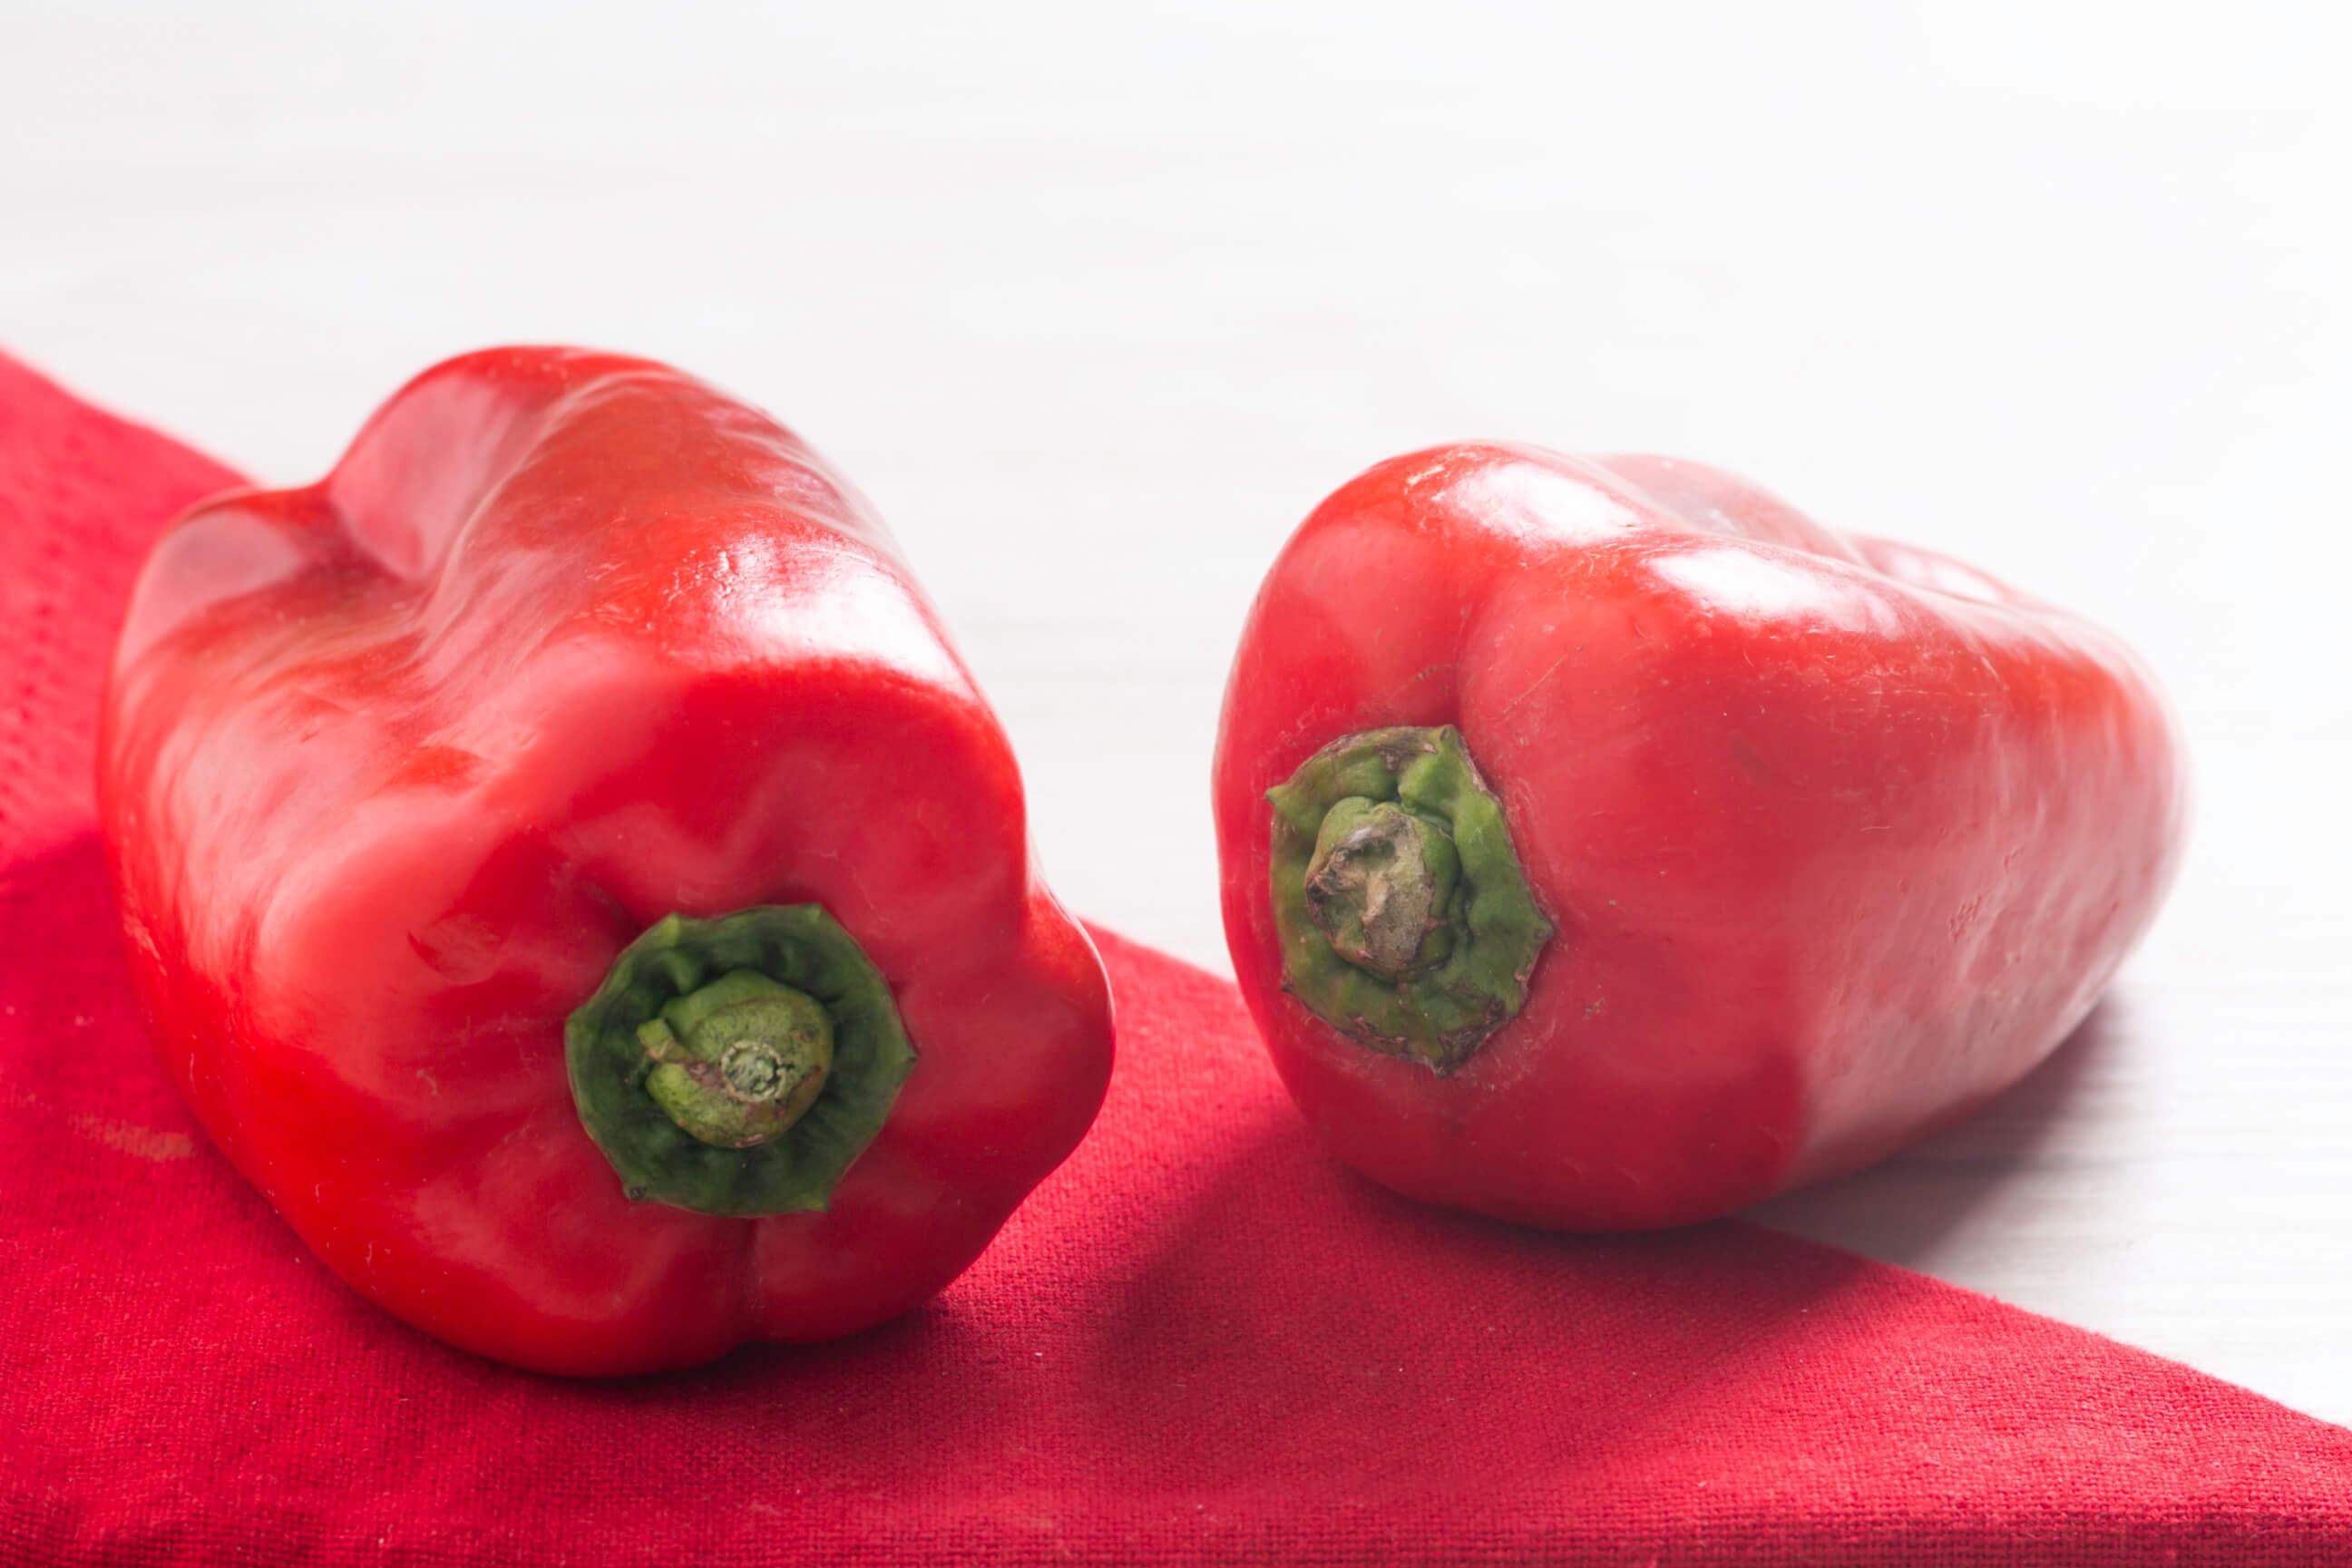 Saiba mais sobre o Pimentão, um dos ingredientes utilizados pela Liv Up